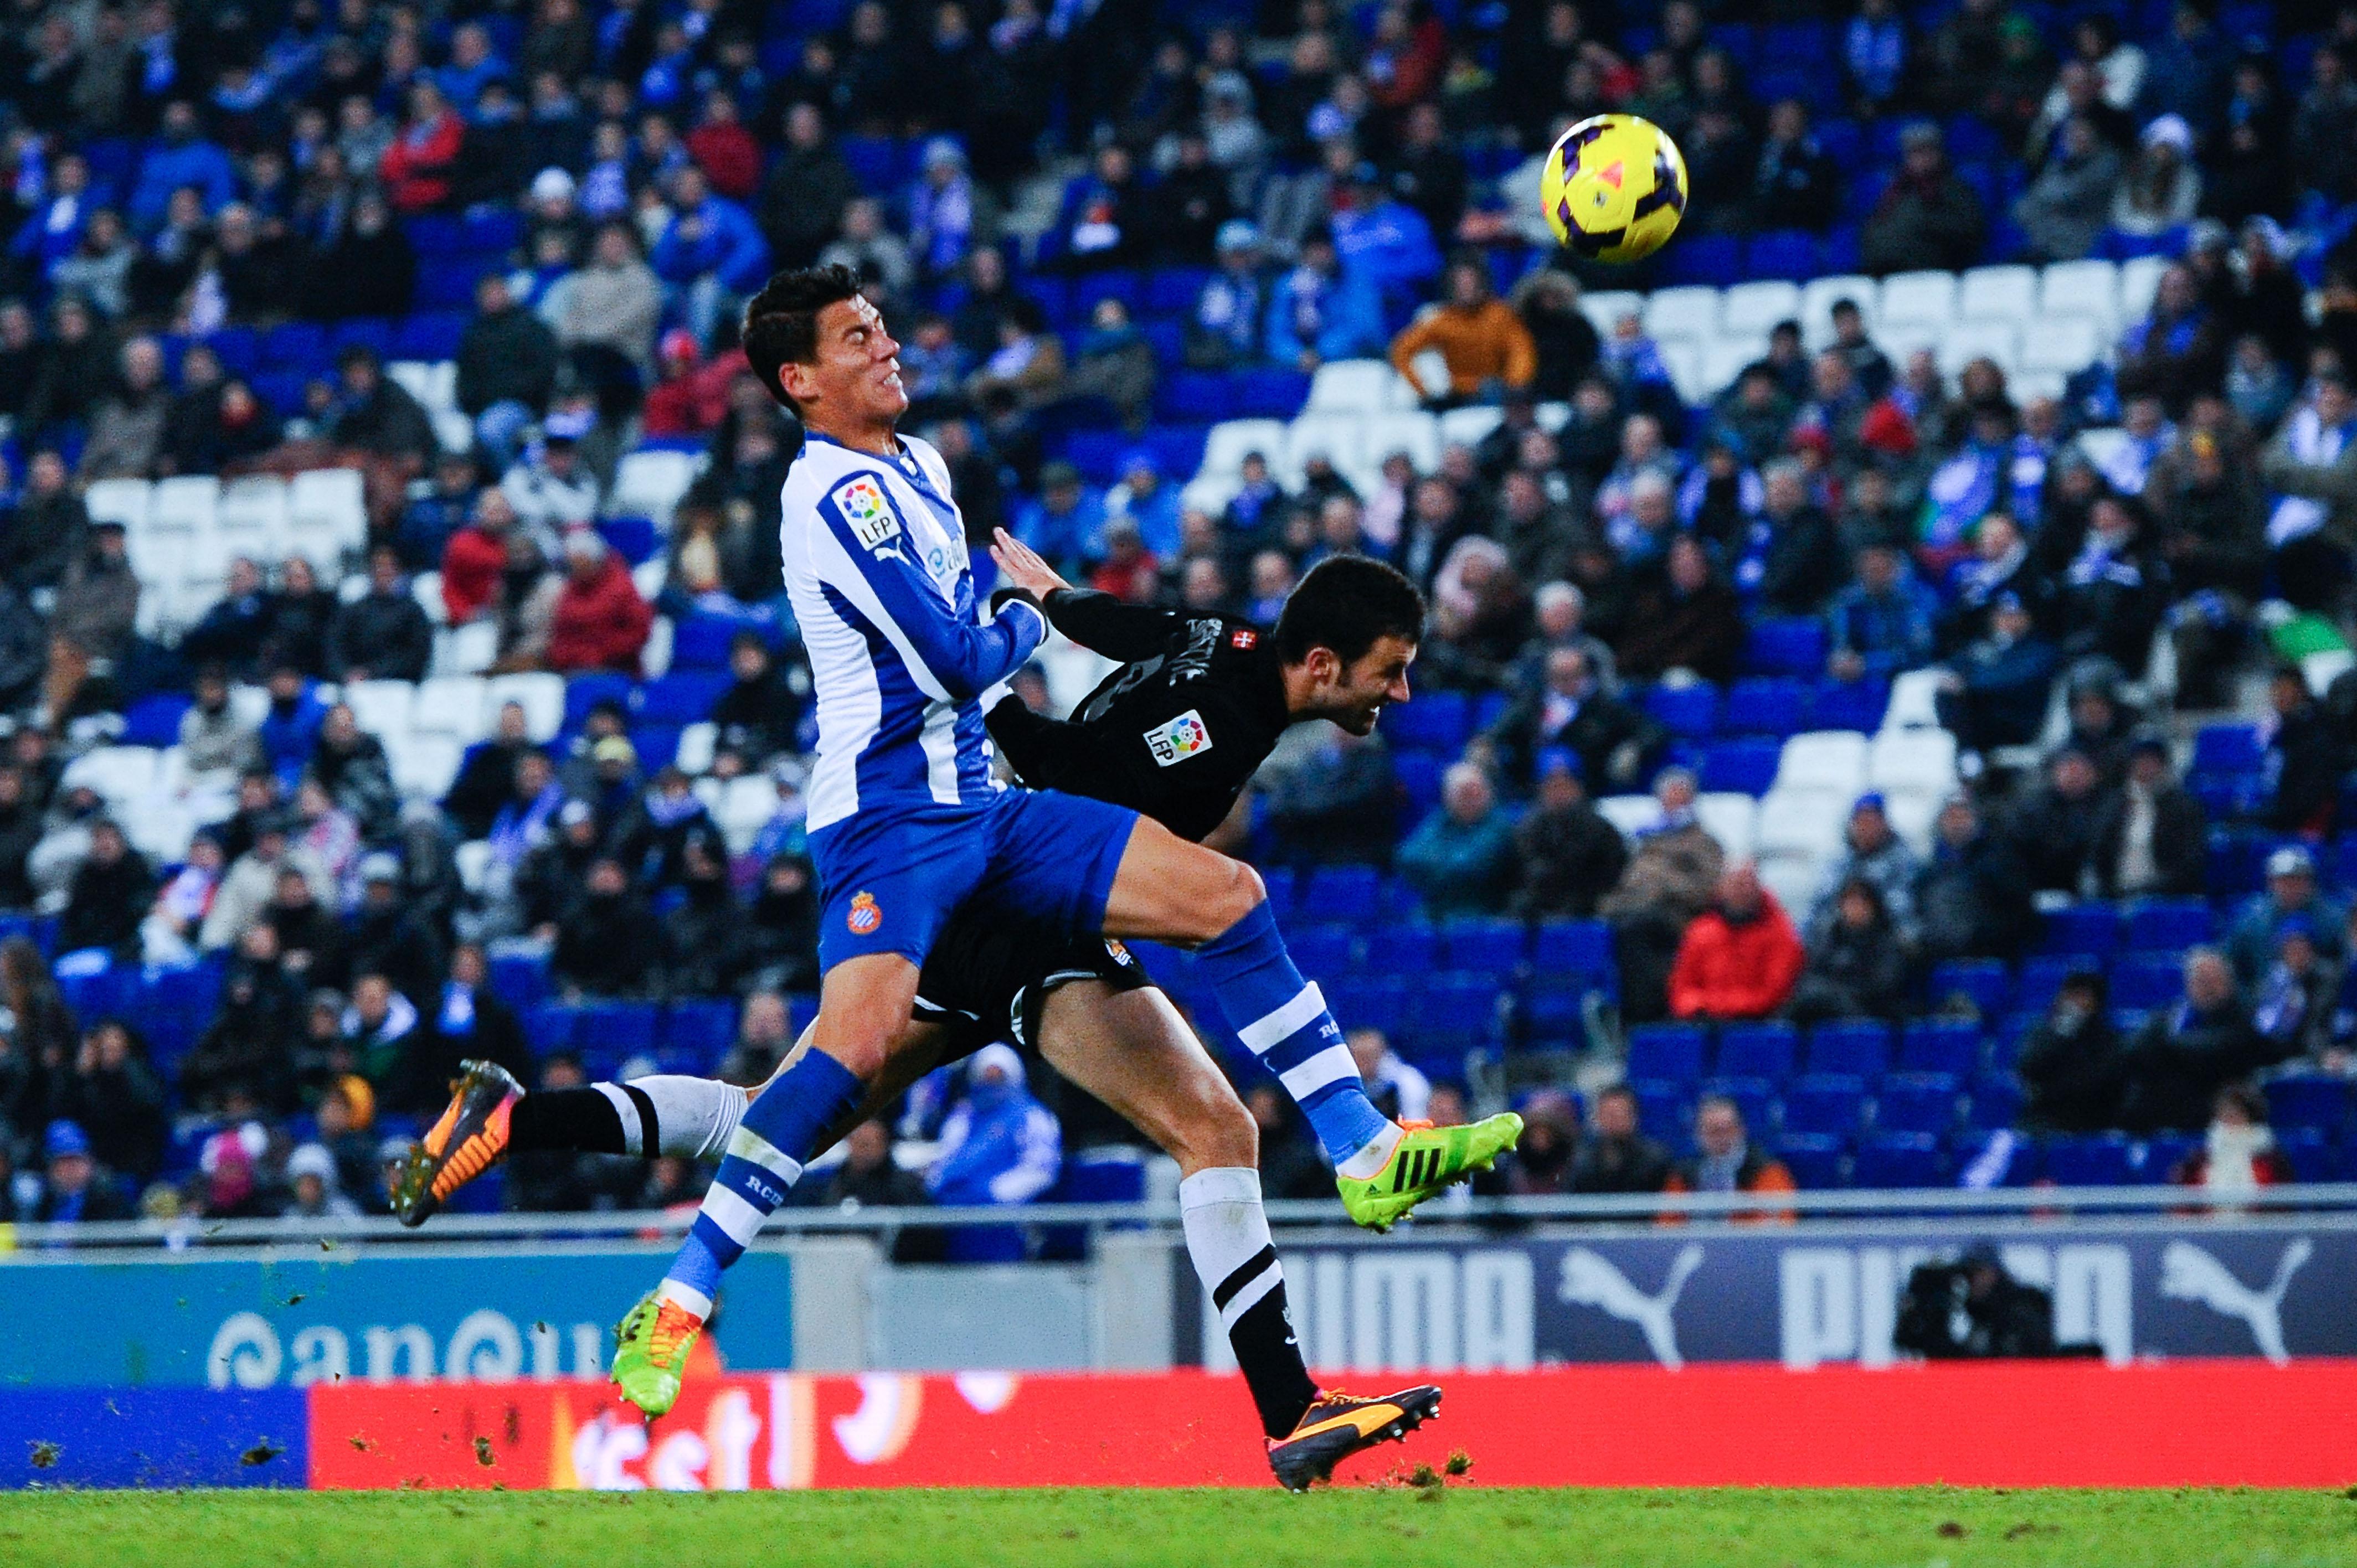 Héctor Moreno, Héctor Moreno Cláusula, Real Sociedad, México